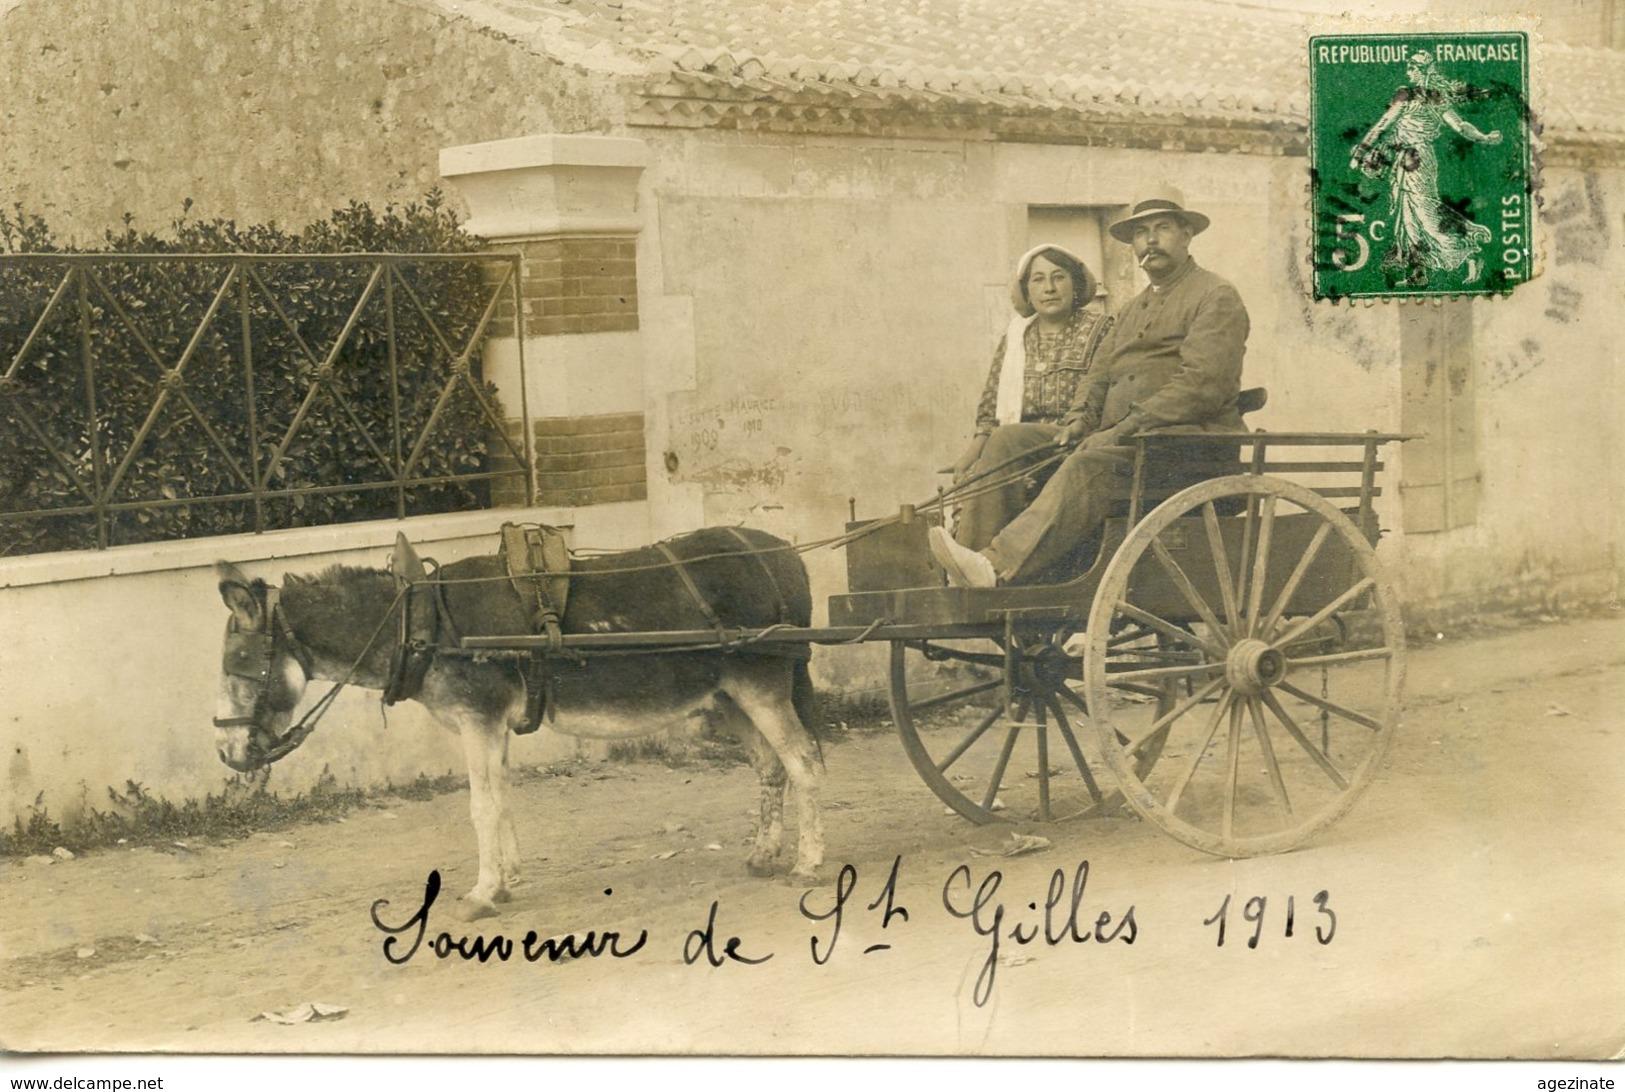 Saint-Gilles-sur-Vie, petite ballade en calèche.